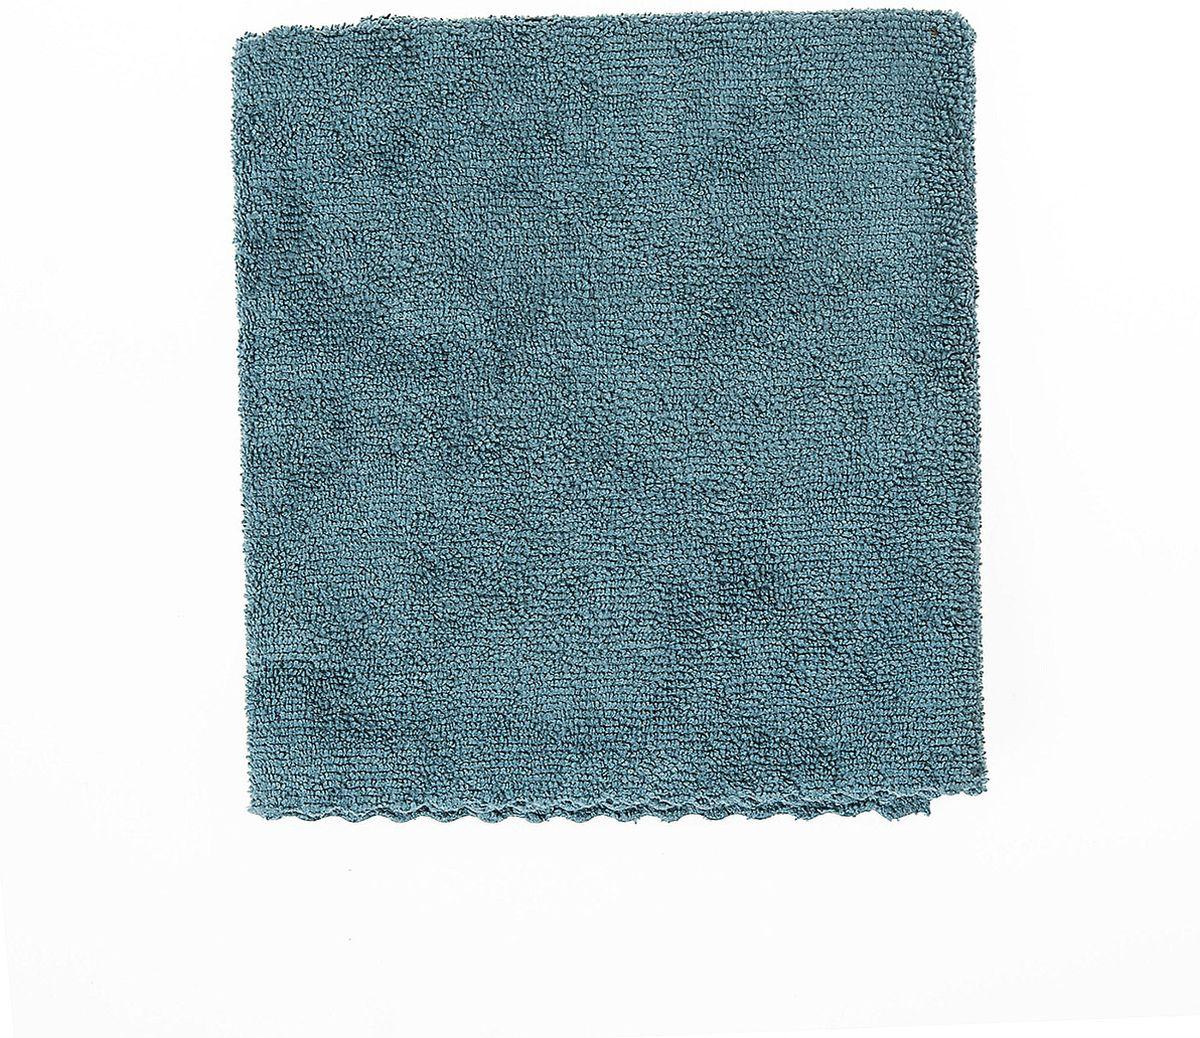 Тряпка для пола You'll love, цвет: зеленый, 40 х 50 см мешок для стирки you ll love цвет зеленый синий 40 см х 50 см